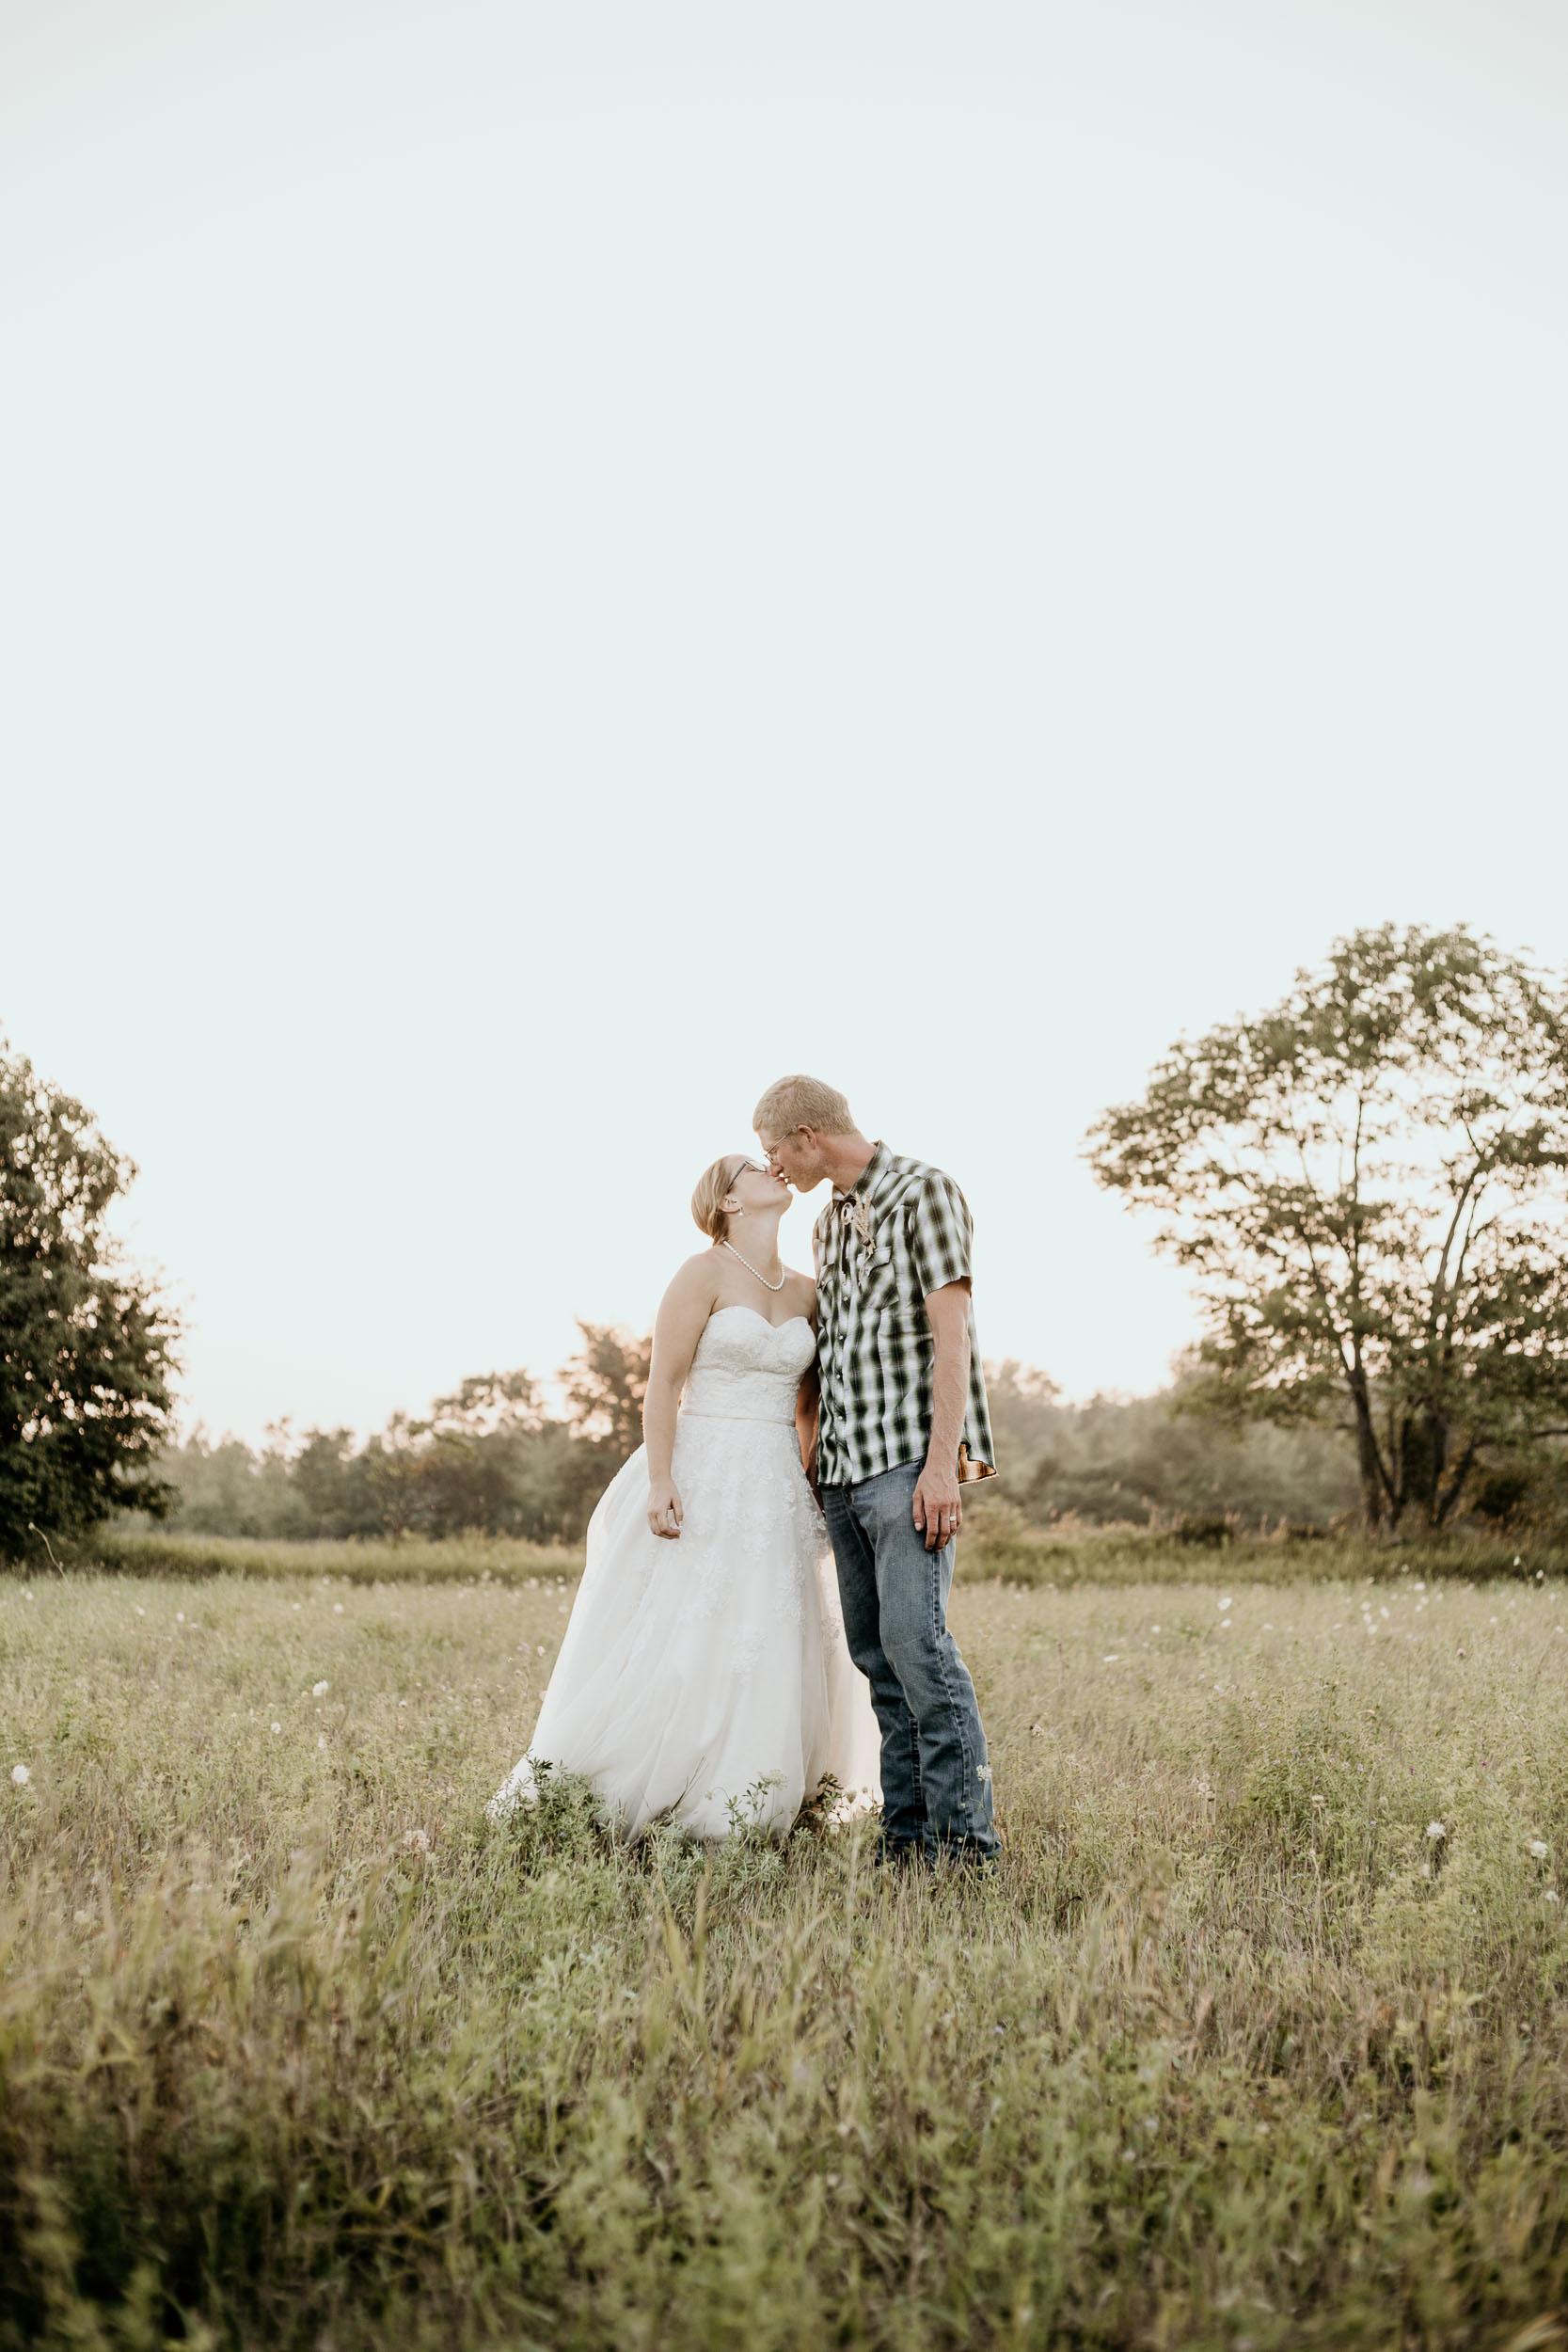 intimate-wedding-elopement-photographer-ottawa-joshua-tree-2975.jpg